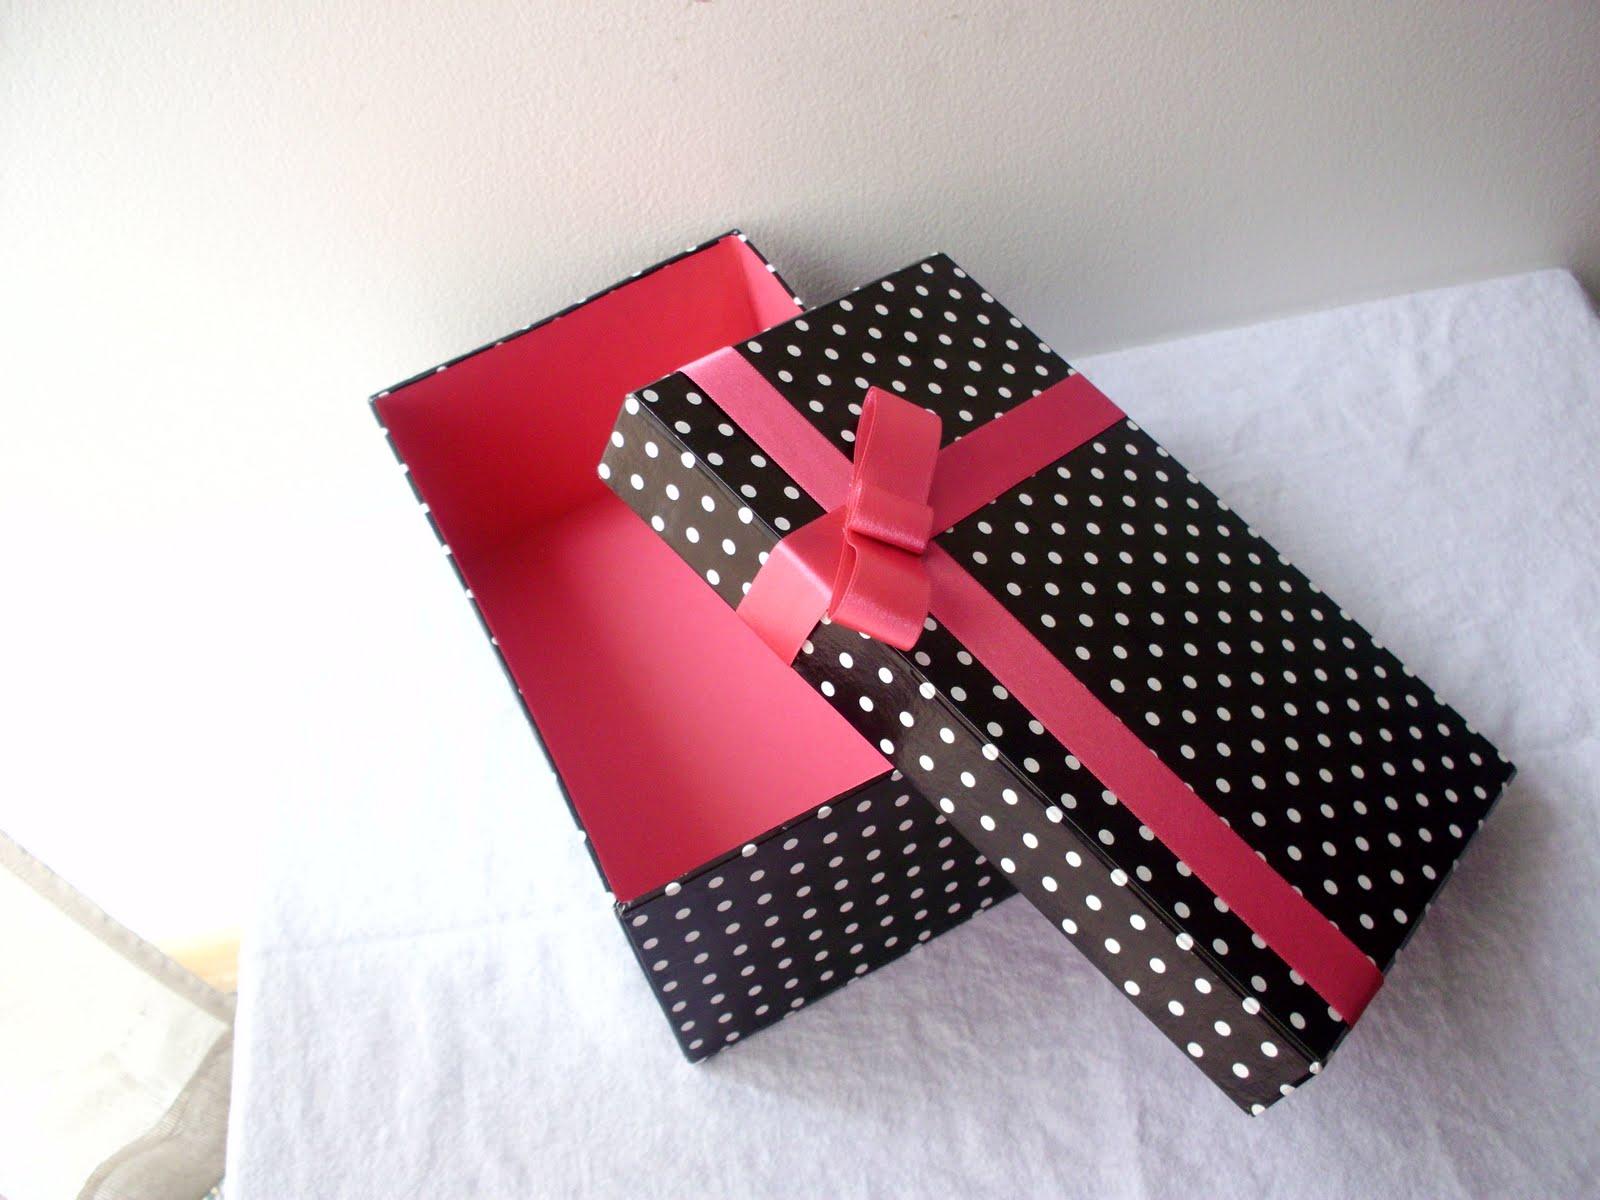 Cudet cajas decorativas cajas para regalos - Decoracion de cajas ...